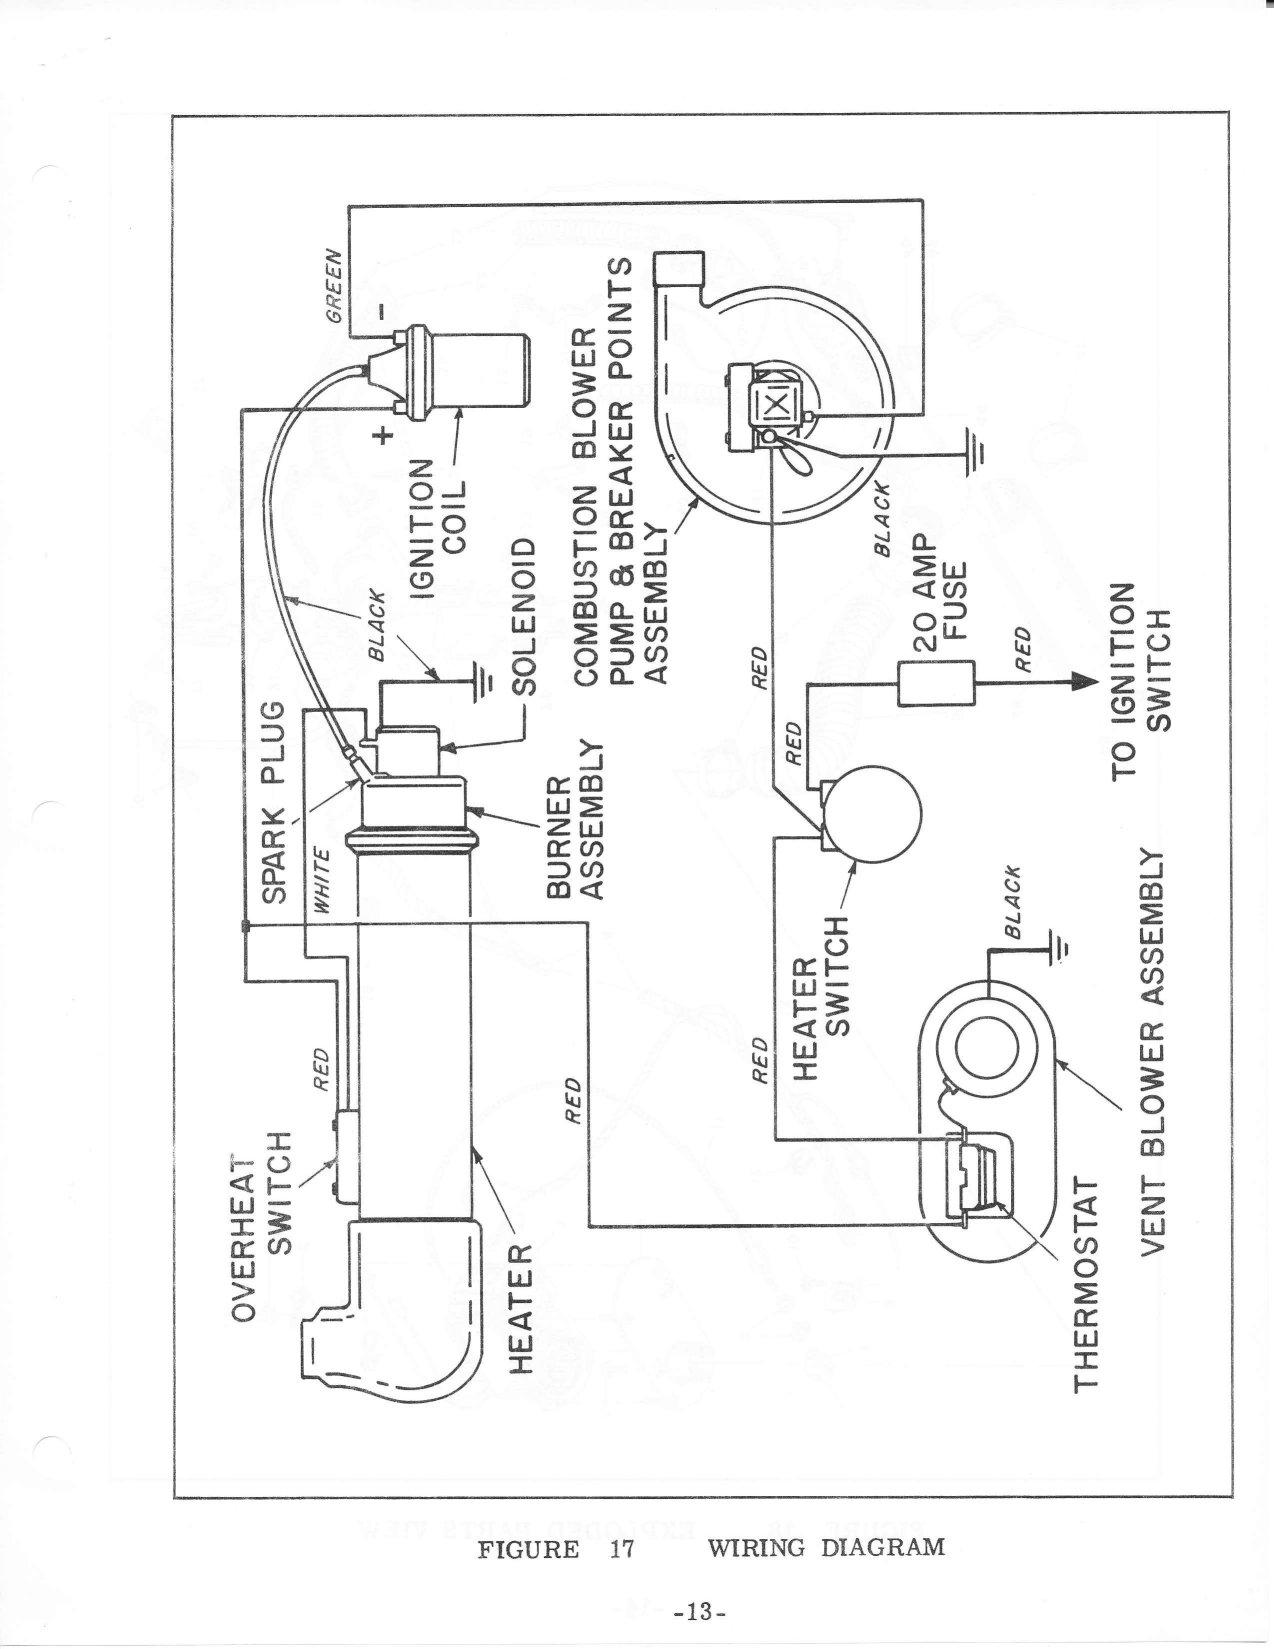 1960 vw beetle wiring